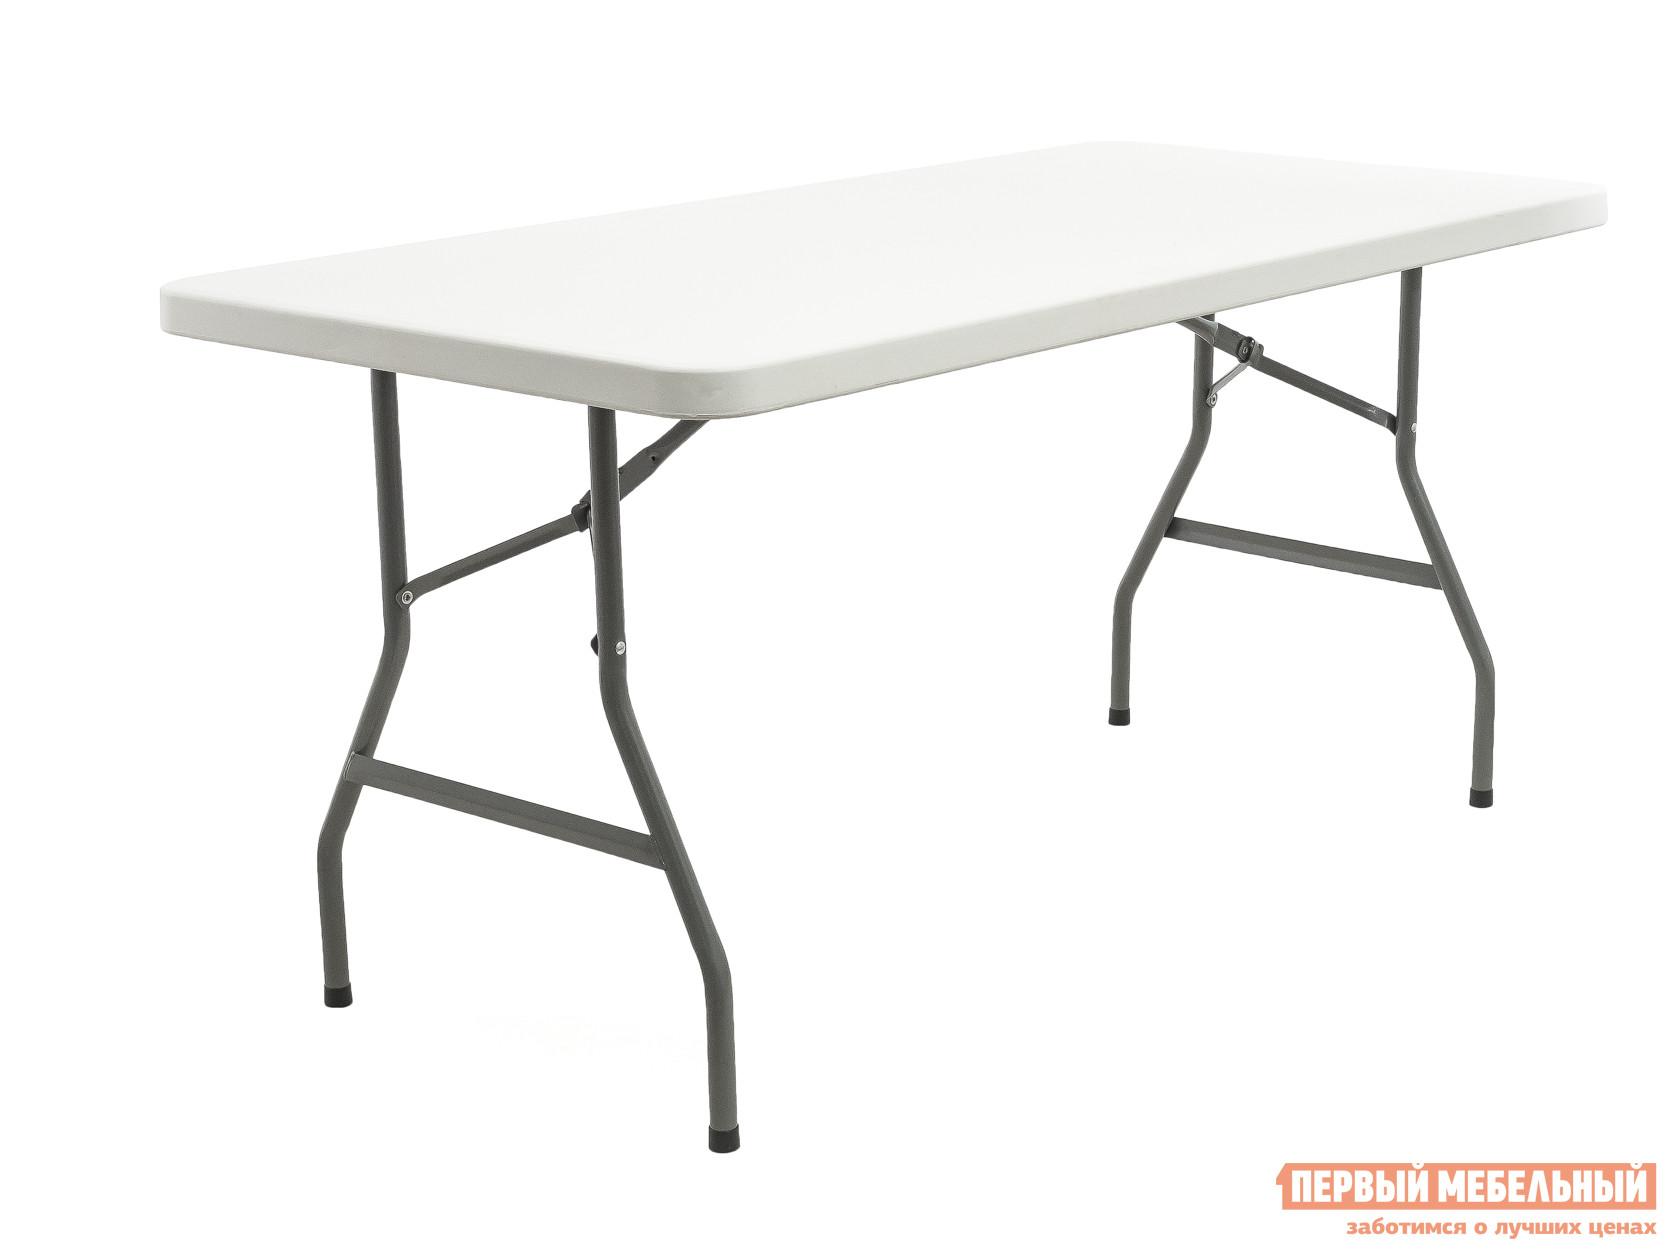 Стол для пикника Метмебель СТС150